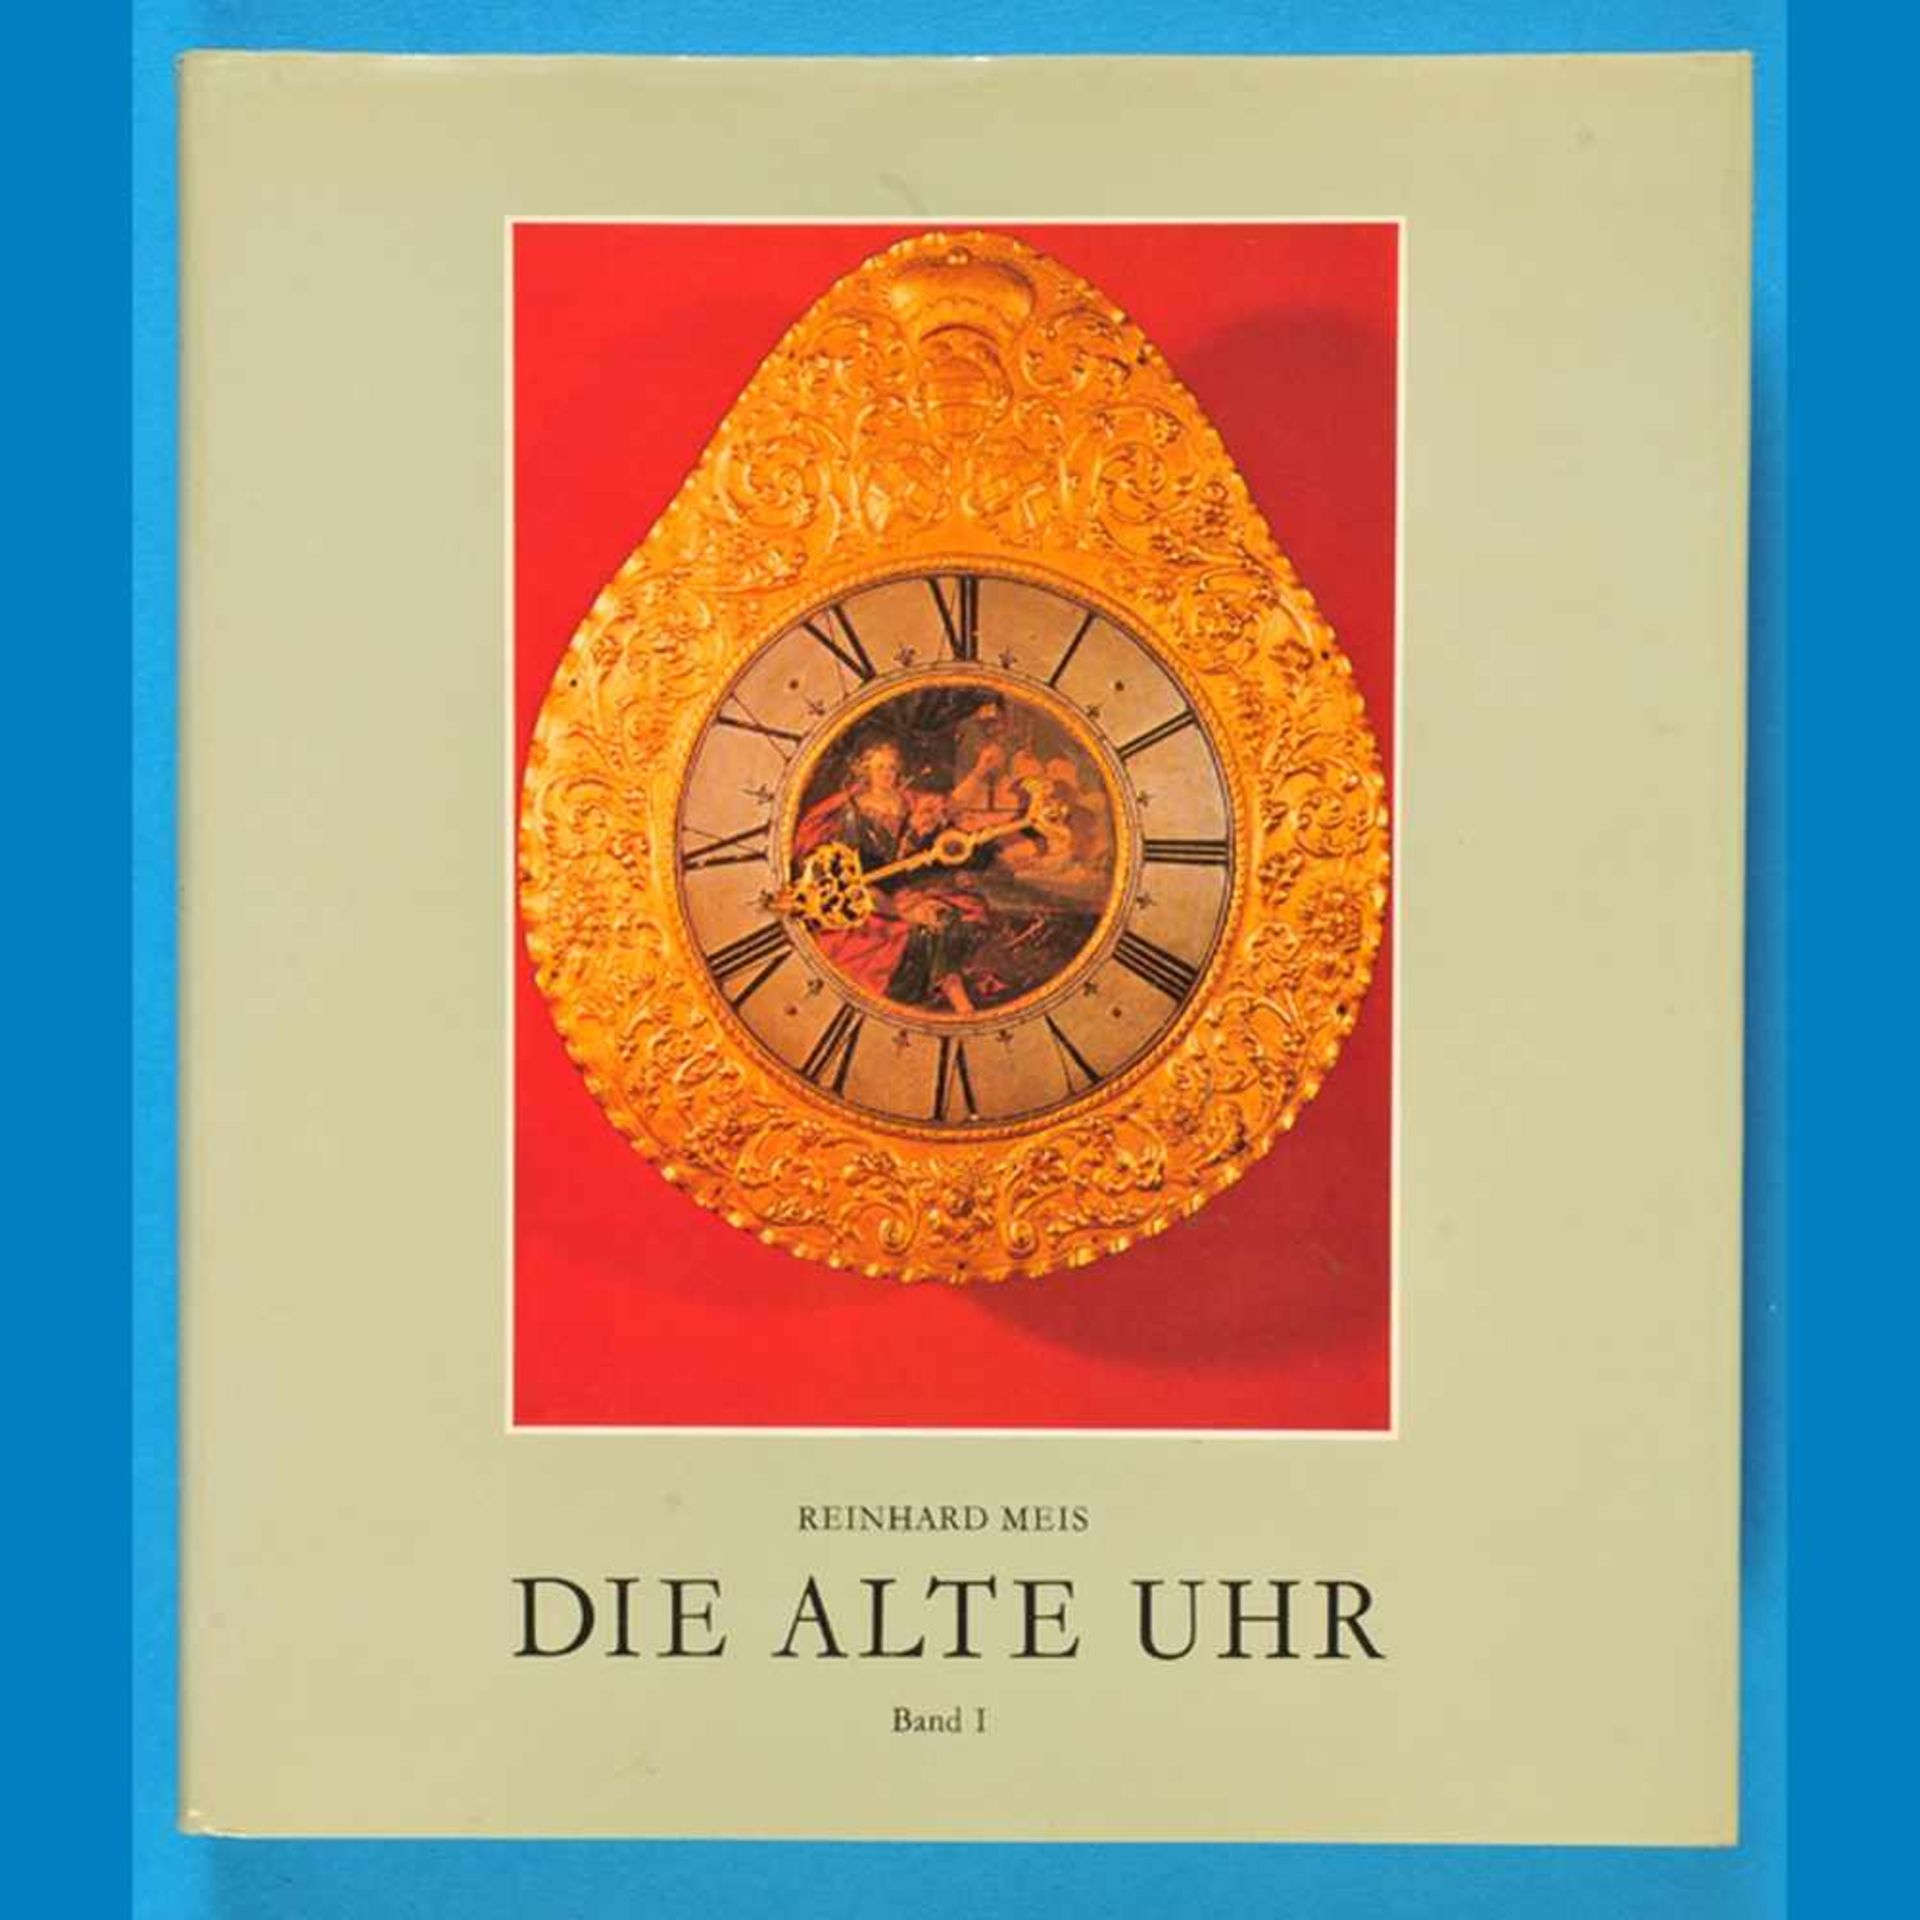 Reinhard Meis, Die alte Uhr - Geschichte-Technik- Stil, Band I, 1978Reinhard Meis, Die alte